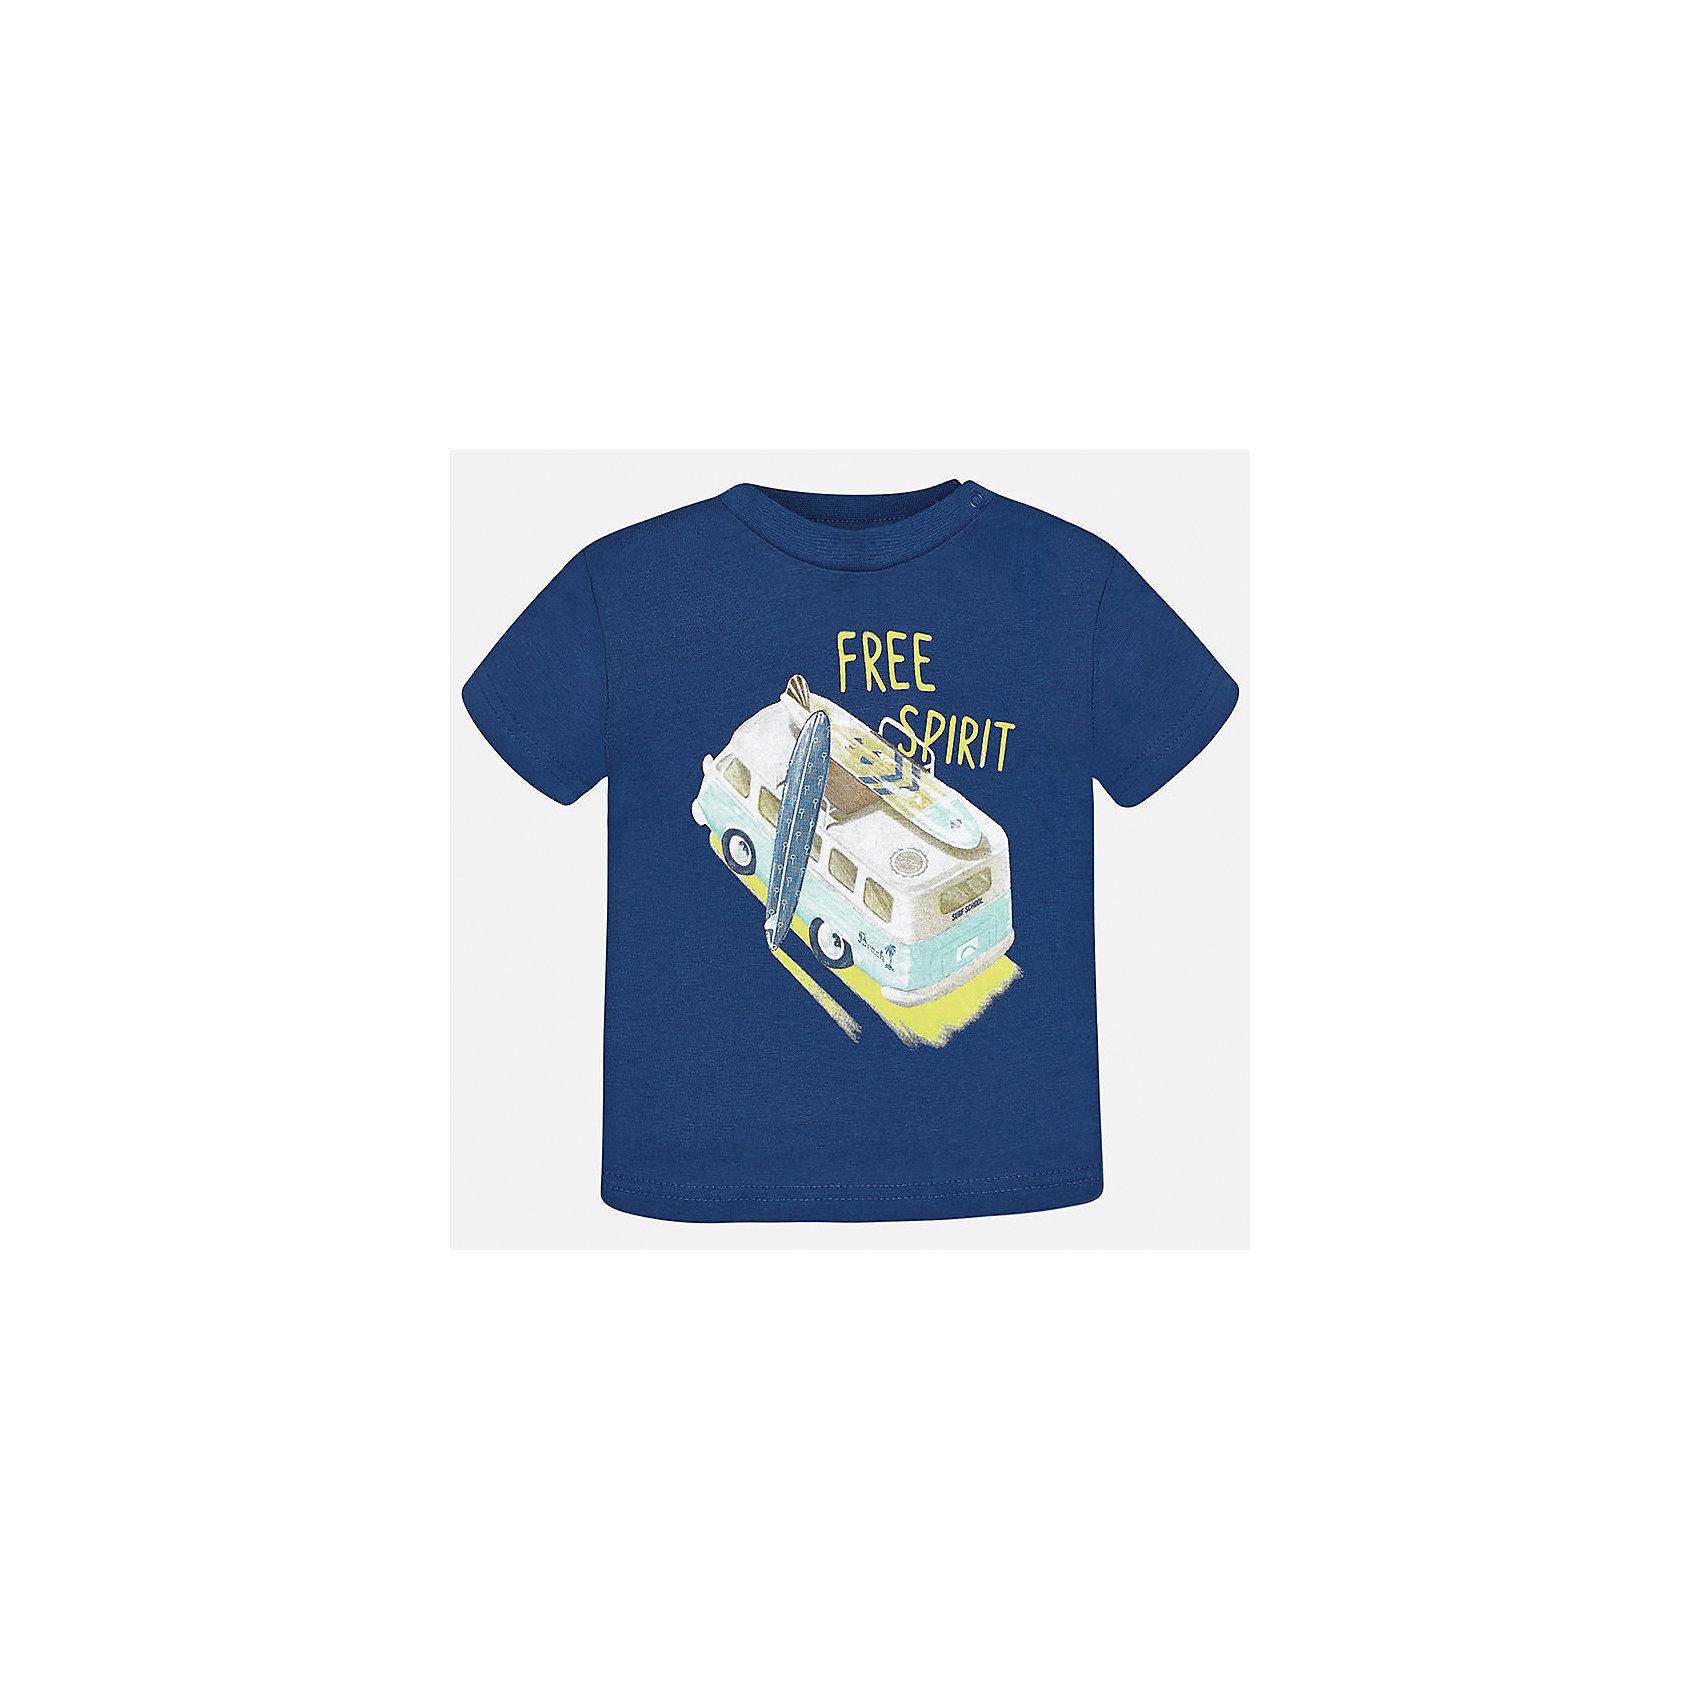 Футболка для мальчика MayoralФутболки, поло и топы<br>Характеристики товара:<br><br>• цвет: синий<br>• состав: 100% хлопок<br>• круглый горловой вырез<br>• декорирована принтом<br>• короткие рукава<br>• мягкая отделка горловины<br>• страна бренда: Испания<br><br>Стильная удобная футболка с принтом поможет разнообразить гардероб мальчика. Она отлично сочетается с брюками, шортами, джинсами. Универсальный крой и цвет позволяет подобрать к вещи низ разных расцветок. Практичное и стильное изделие! Хорошо смотрится и комфортно сидит на детях. В составе материала - натуральный хлопок, гипоаллергенный, приятный на ощупь, дышащий. <br><br>Одежда, обувь и аксессуары от испанского бренда Mayoral полюбились детям и взрослым по всему миру. Модели этой марки - стильные и удобные. Для их производства используются только безопасные, качественные материалы и фурнитура. Порадуйте ребенка модными и красивыми вещами от Mayoral! <br><br>Футболку для мальчика от испанского бренда Mayoral (Майорал) можно купить в нашем интернет-магазине.<br><br>Ширина мм: 199<br>Глубина мм: 10<br>Высота мм: 161<br>Вес г: 151<br>Цвет: серый<br>Возраст от месяцев: 12<br>Возраст до месяцев: 15<br>Пол: Мужской<br>Возраст: Детский<br>Размер: 80,92,86<br>SKU: 5278453